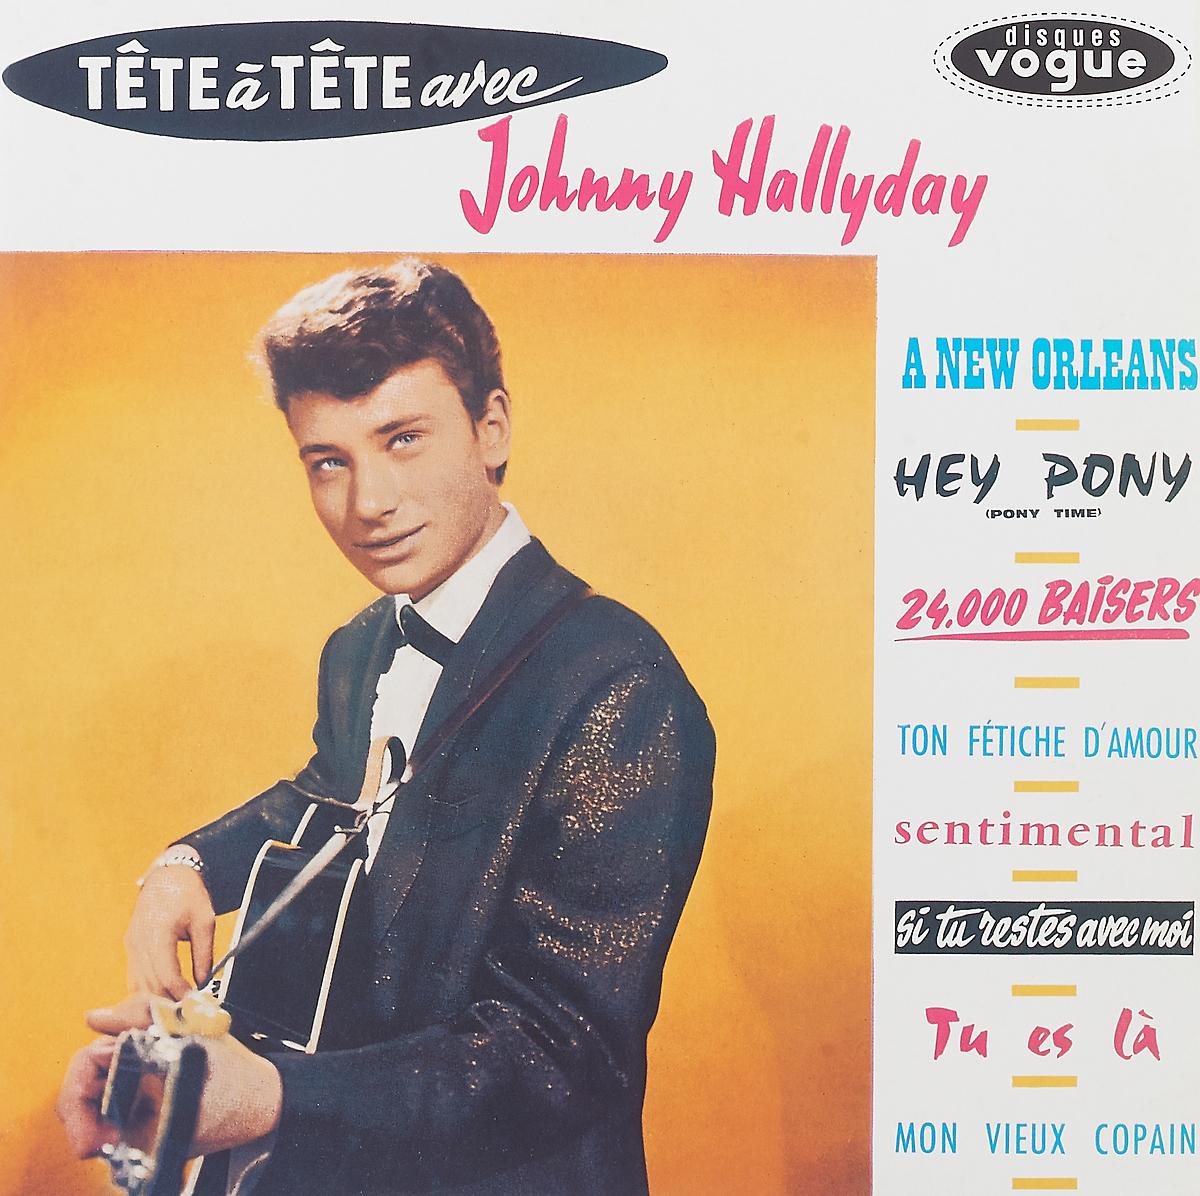 Джонни Холлидей Johny Hallyday. Tete a Tete Avec (LP) джонни холлидей johnny hallyday born rocker tour concert au theatre de paris 2 lp